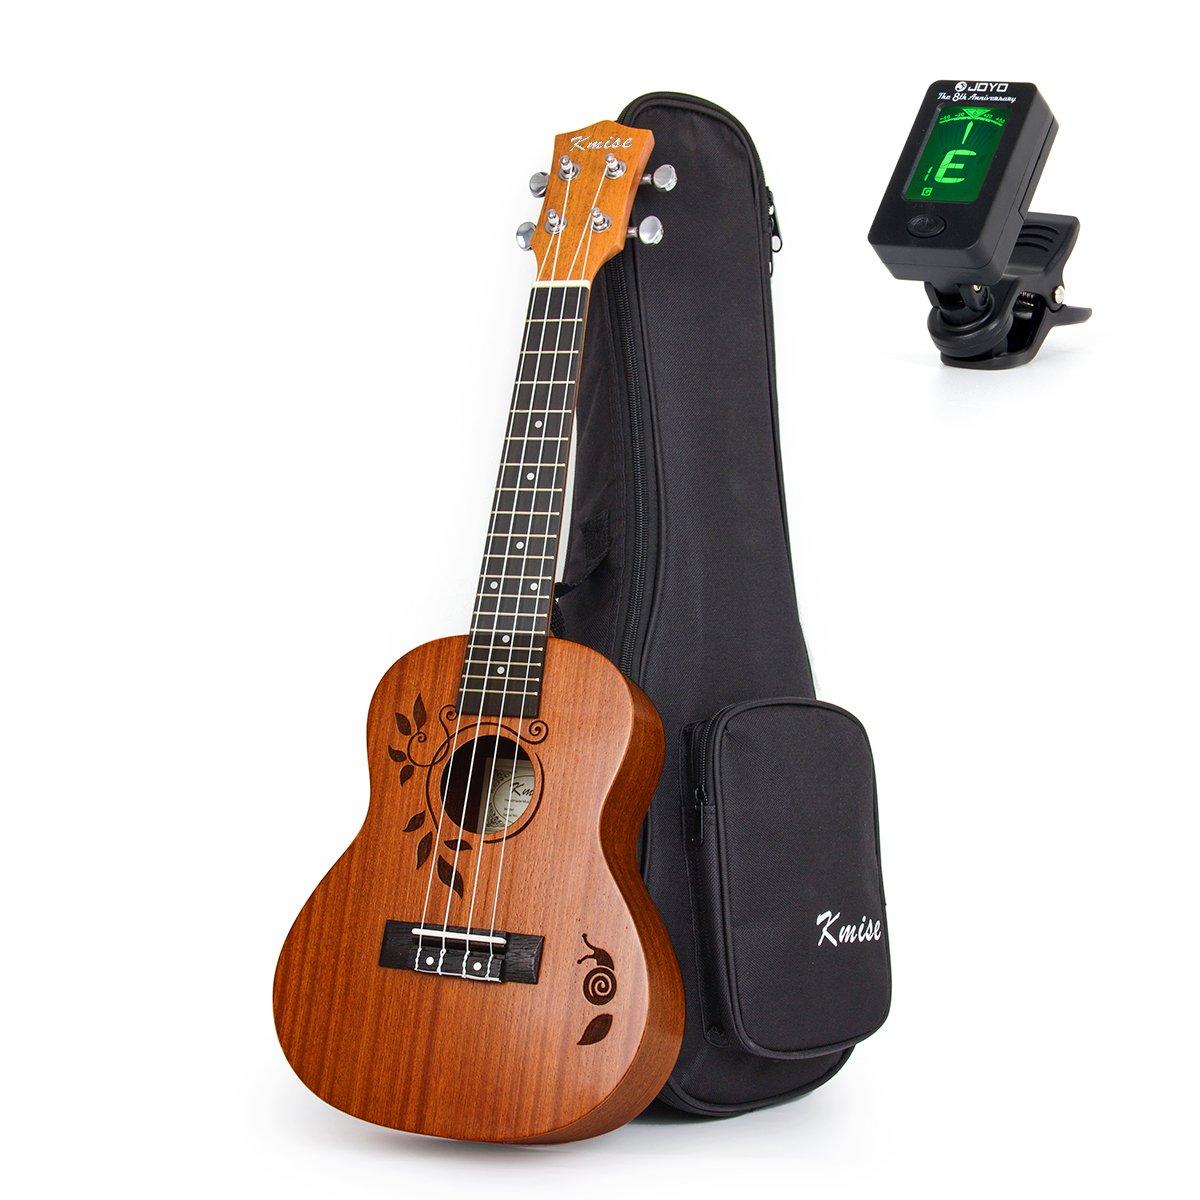 Kmise Concert Ukulele Uke Acoustic Hawaiian Guitar 23 Inch 18 Frets Mahagany With Ukelele Bag and Tuner by Kmise